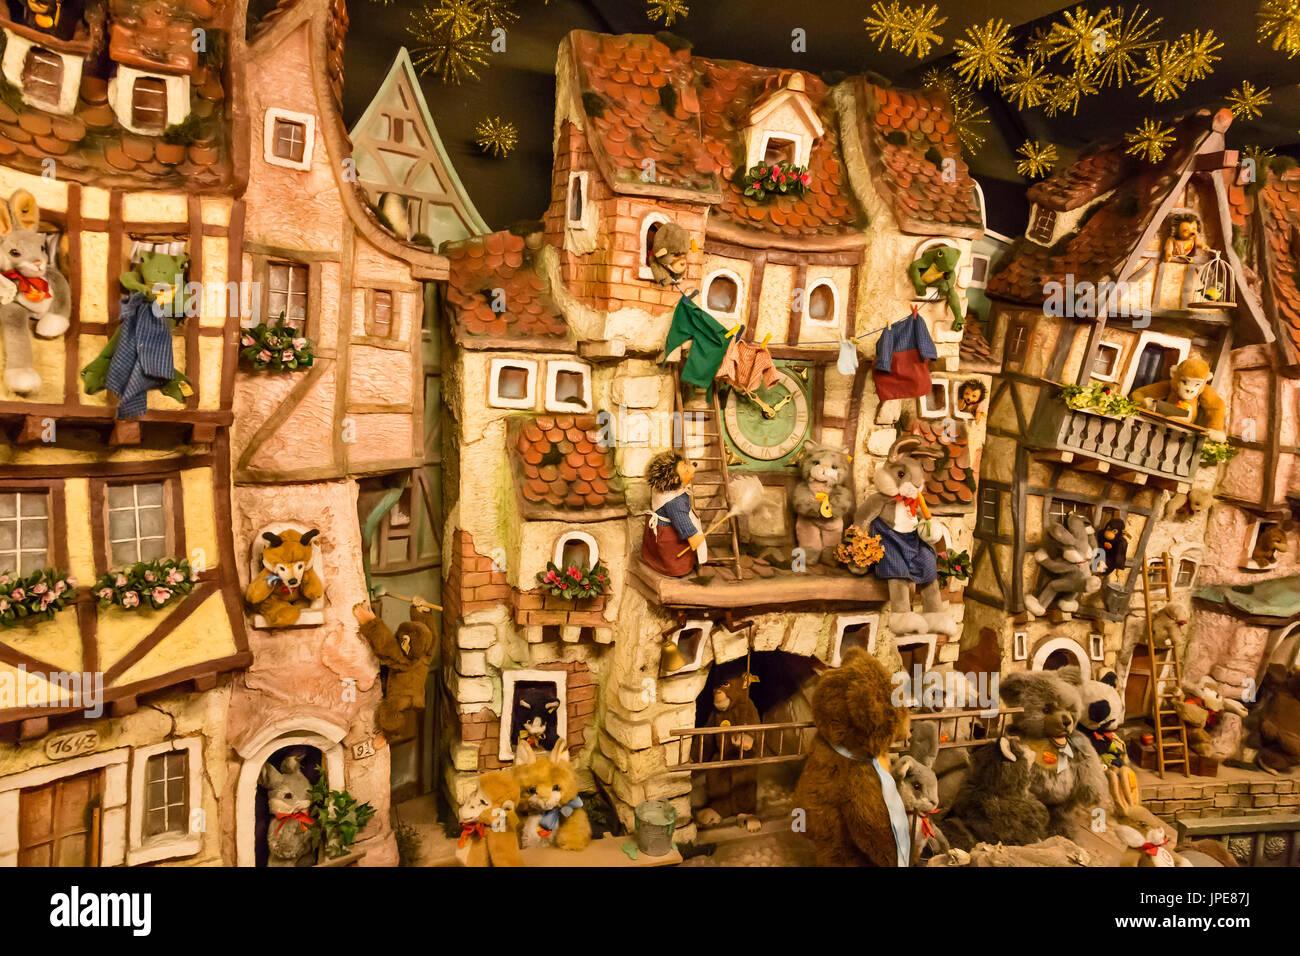 Traditionelles Weihnachtsessen In Deutschland.Rothenburg Ob Der Tauber Bayern Deutschland Europa Traditionelle